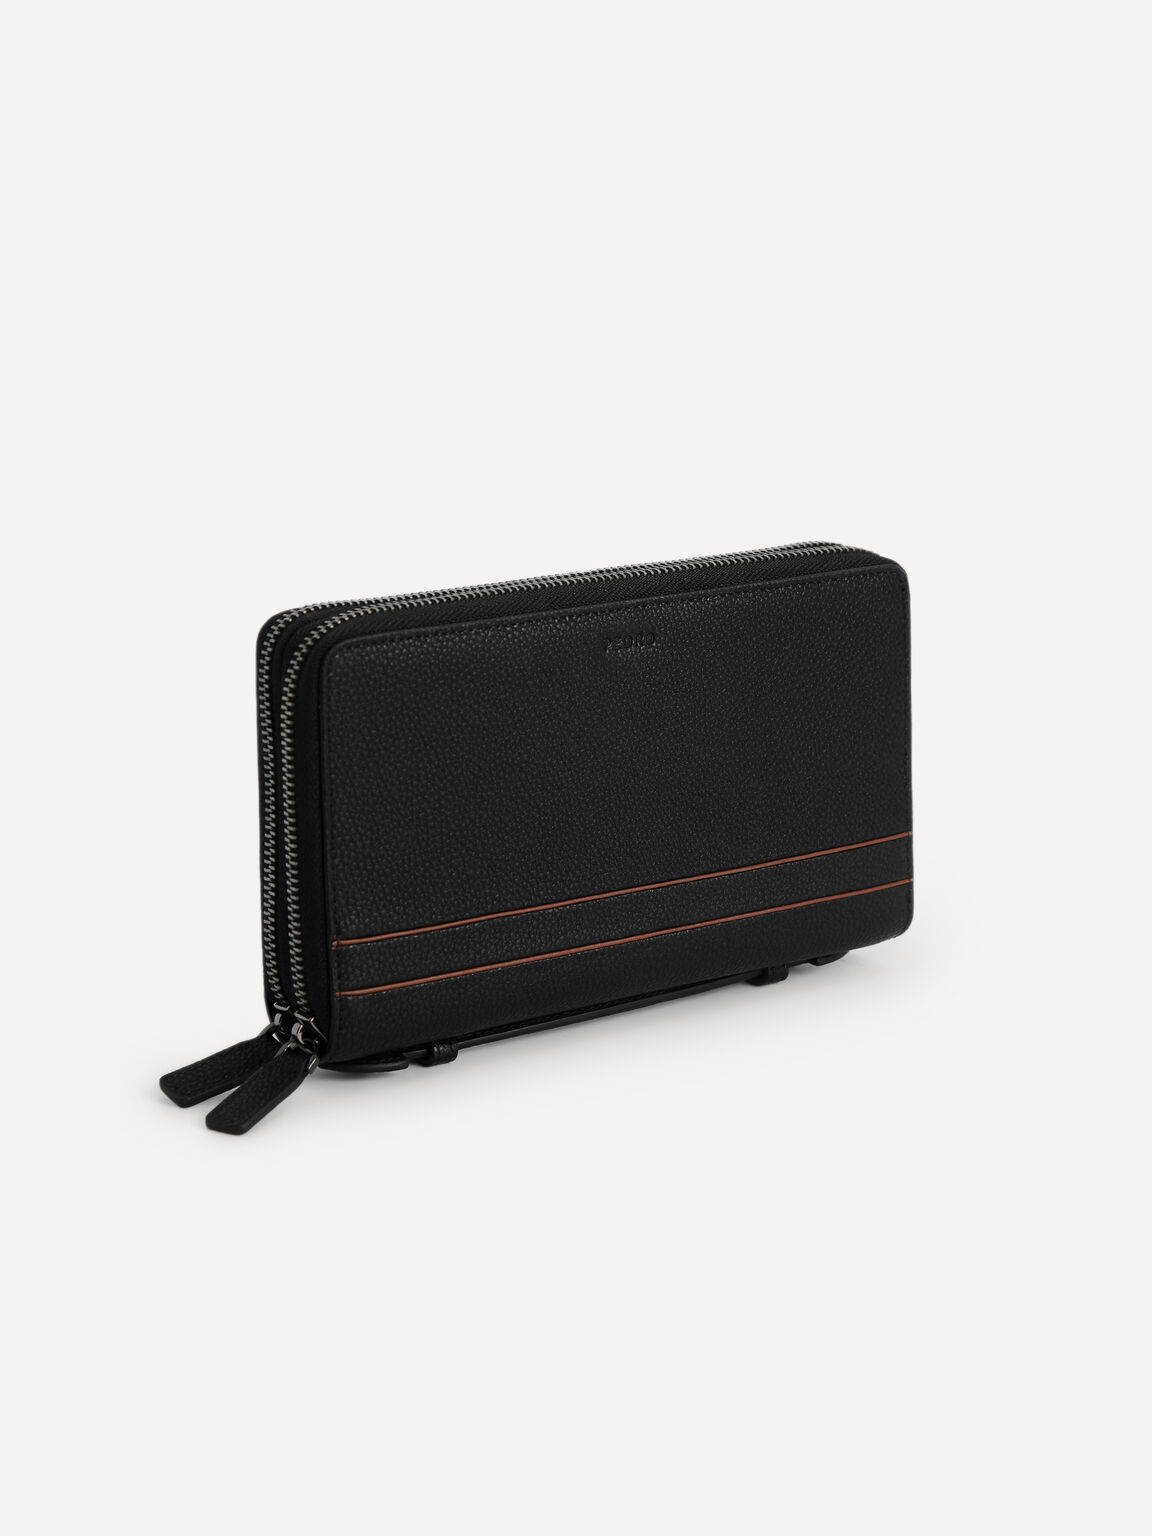 織紋皮革旅行箱, 黑色, hi-res